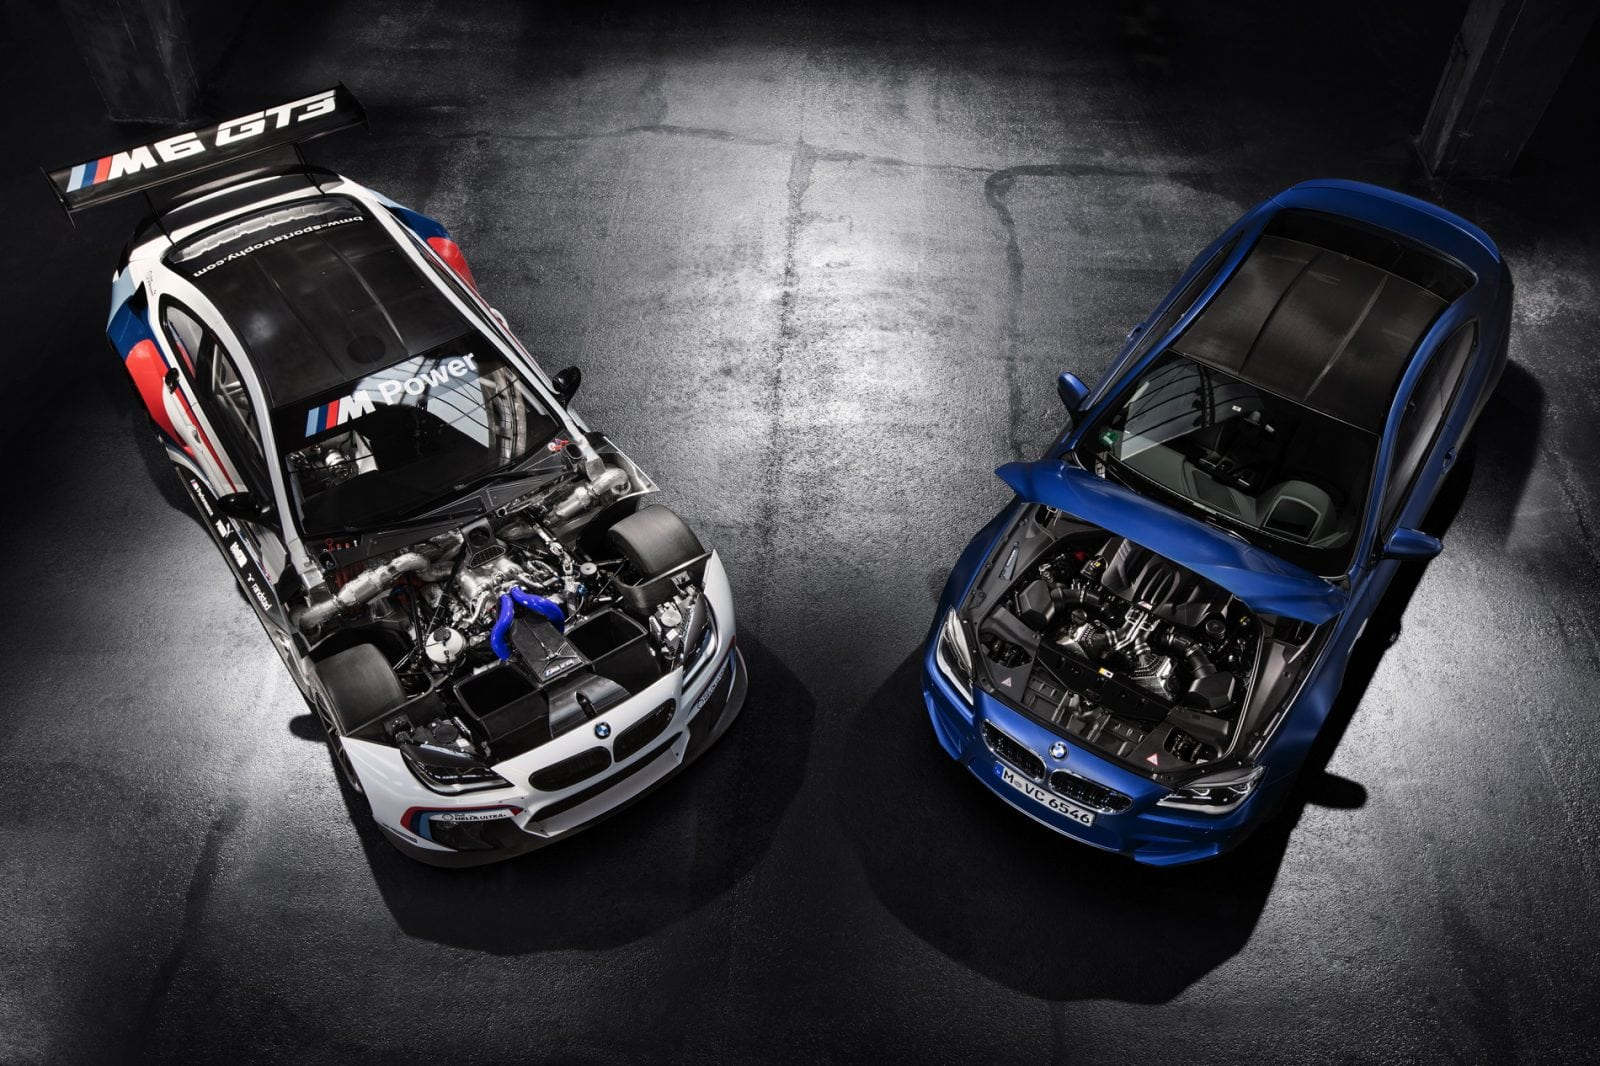 BMW M6 GT3 официальные фото - обои 1900x1200